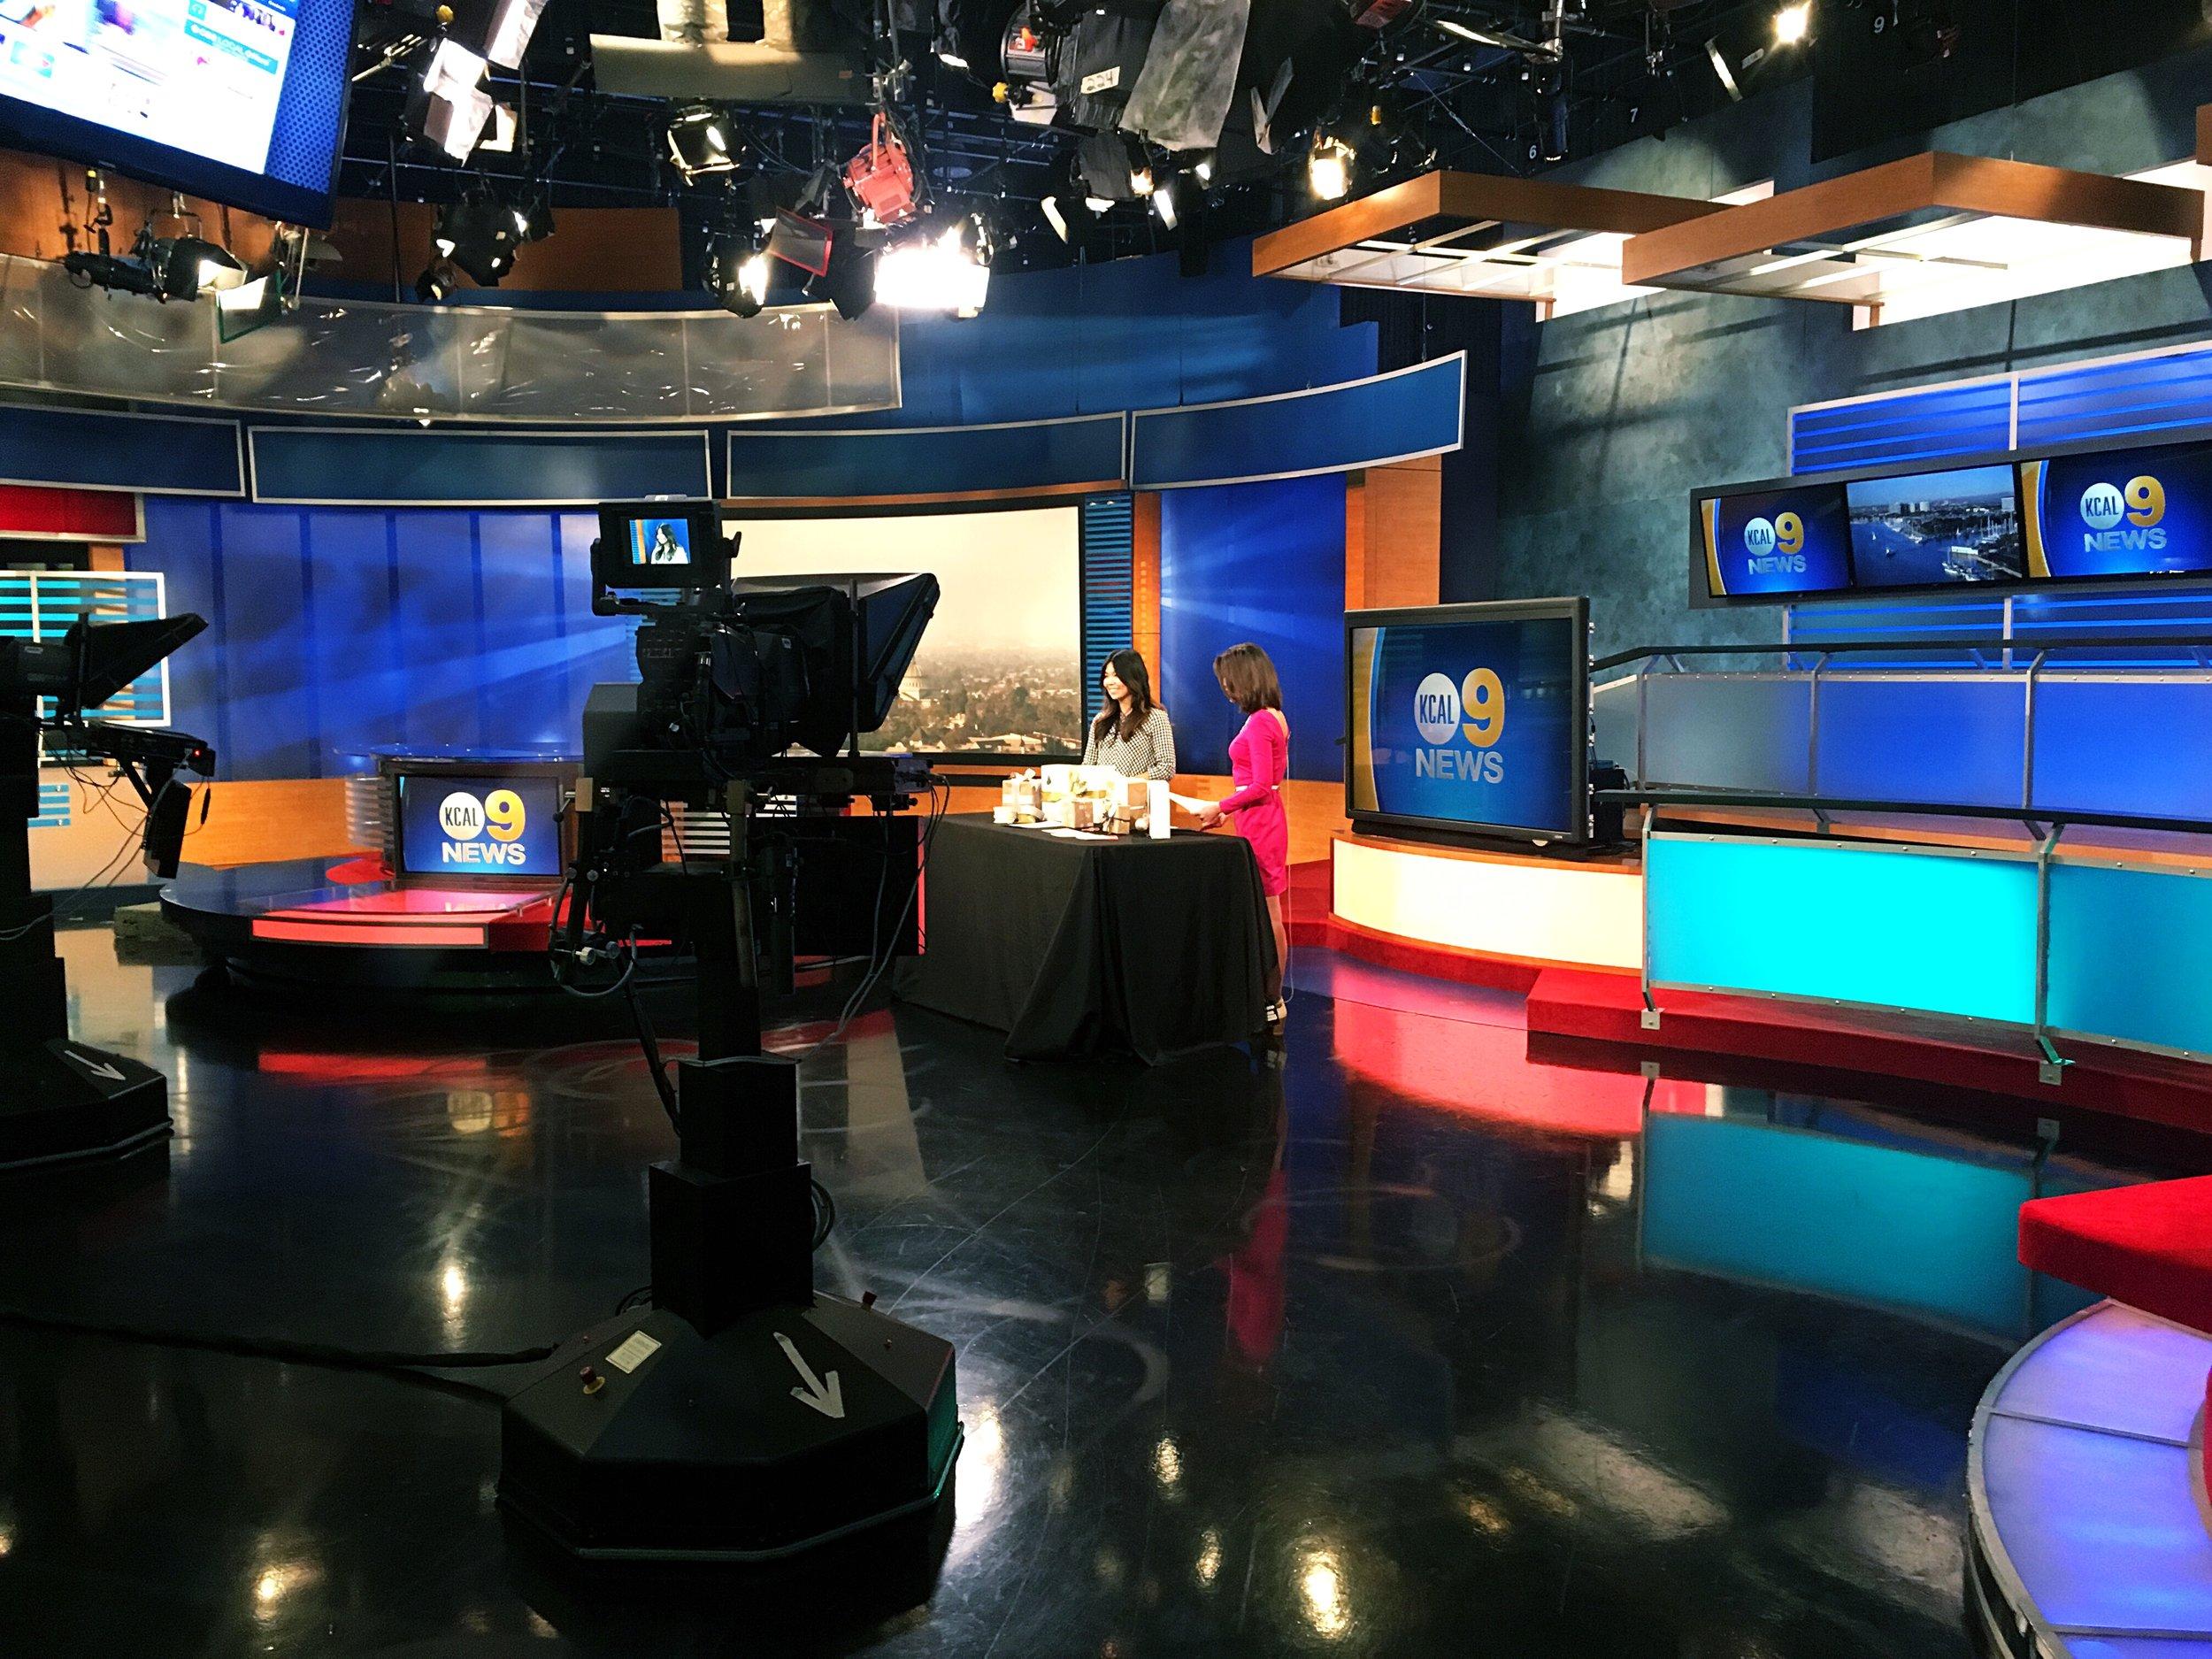 KCAL news recording